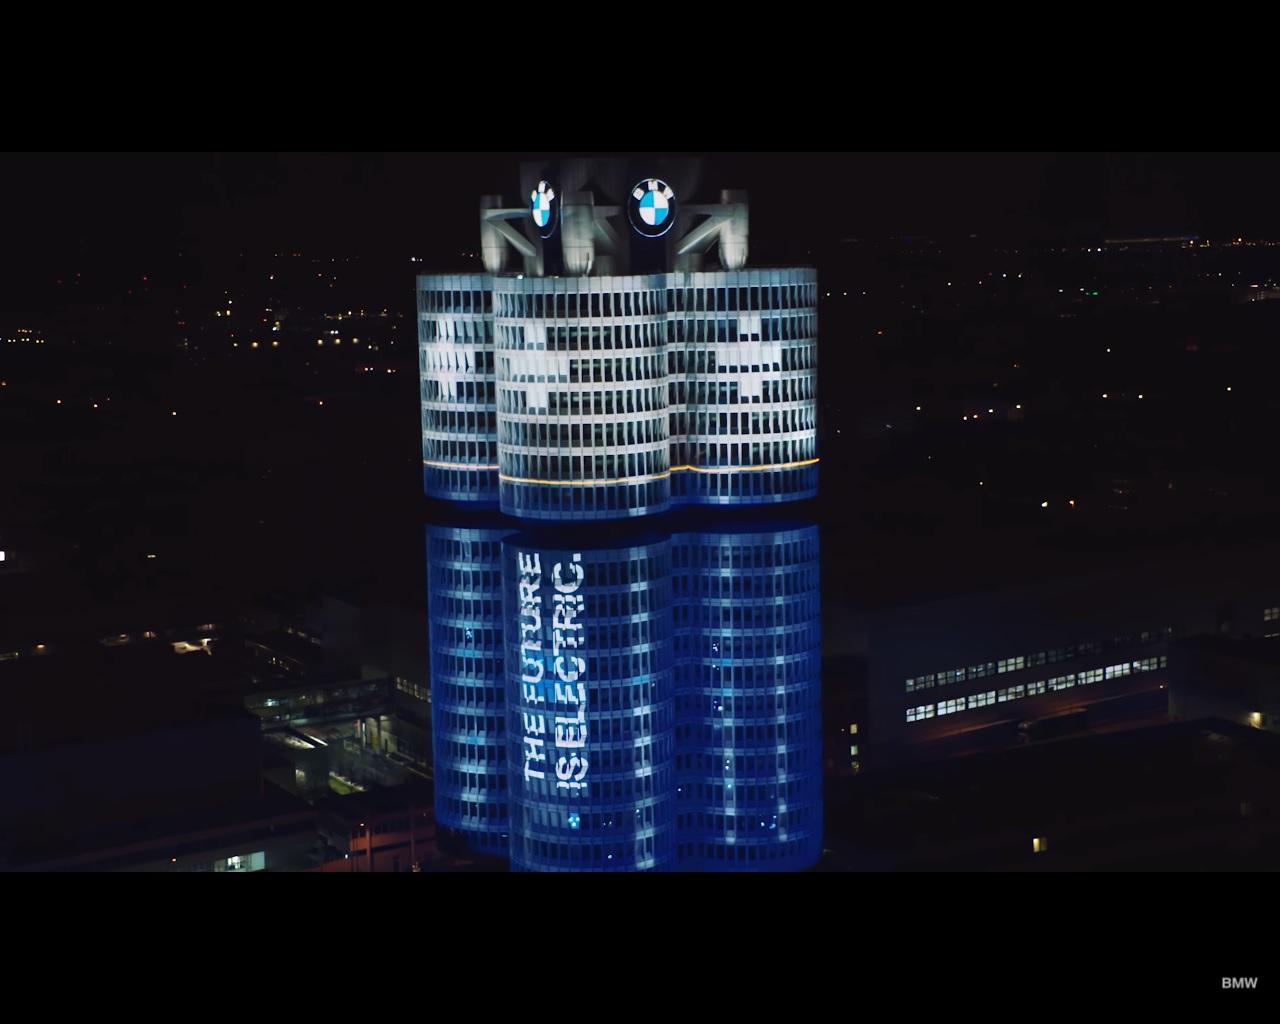 BMW-k 100.000 auto elektriko saltzen ditu